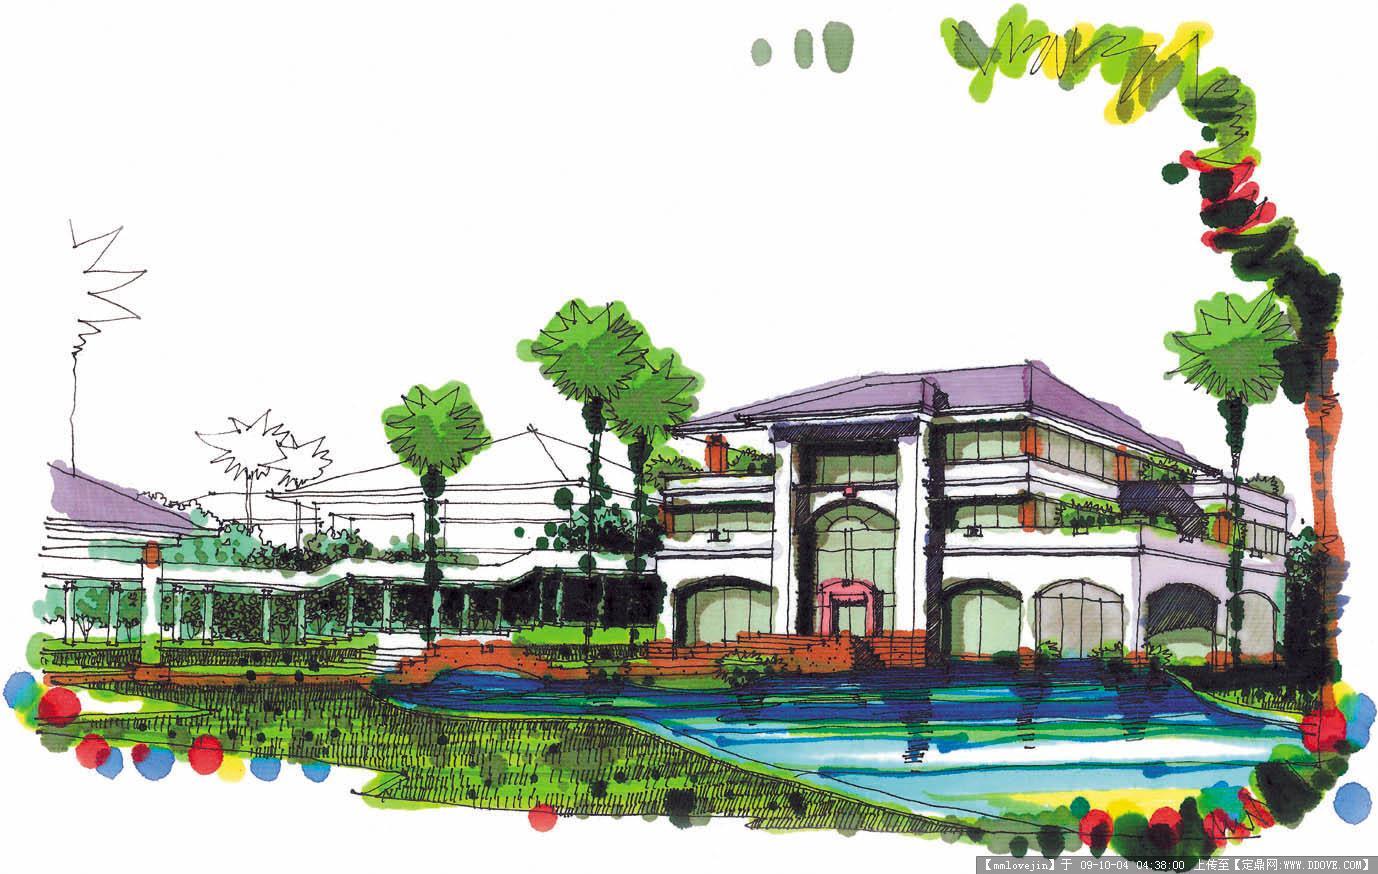 马克笔建筑手绘图_马克笔手绘图_马克笔产品手; 建筑设计水彩画效果